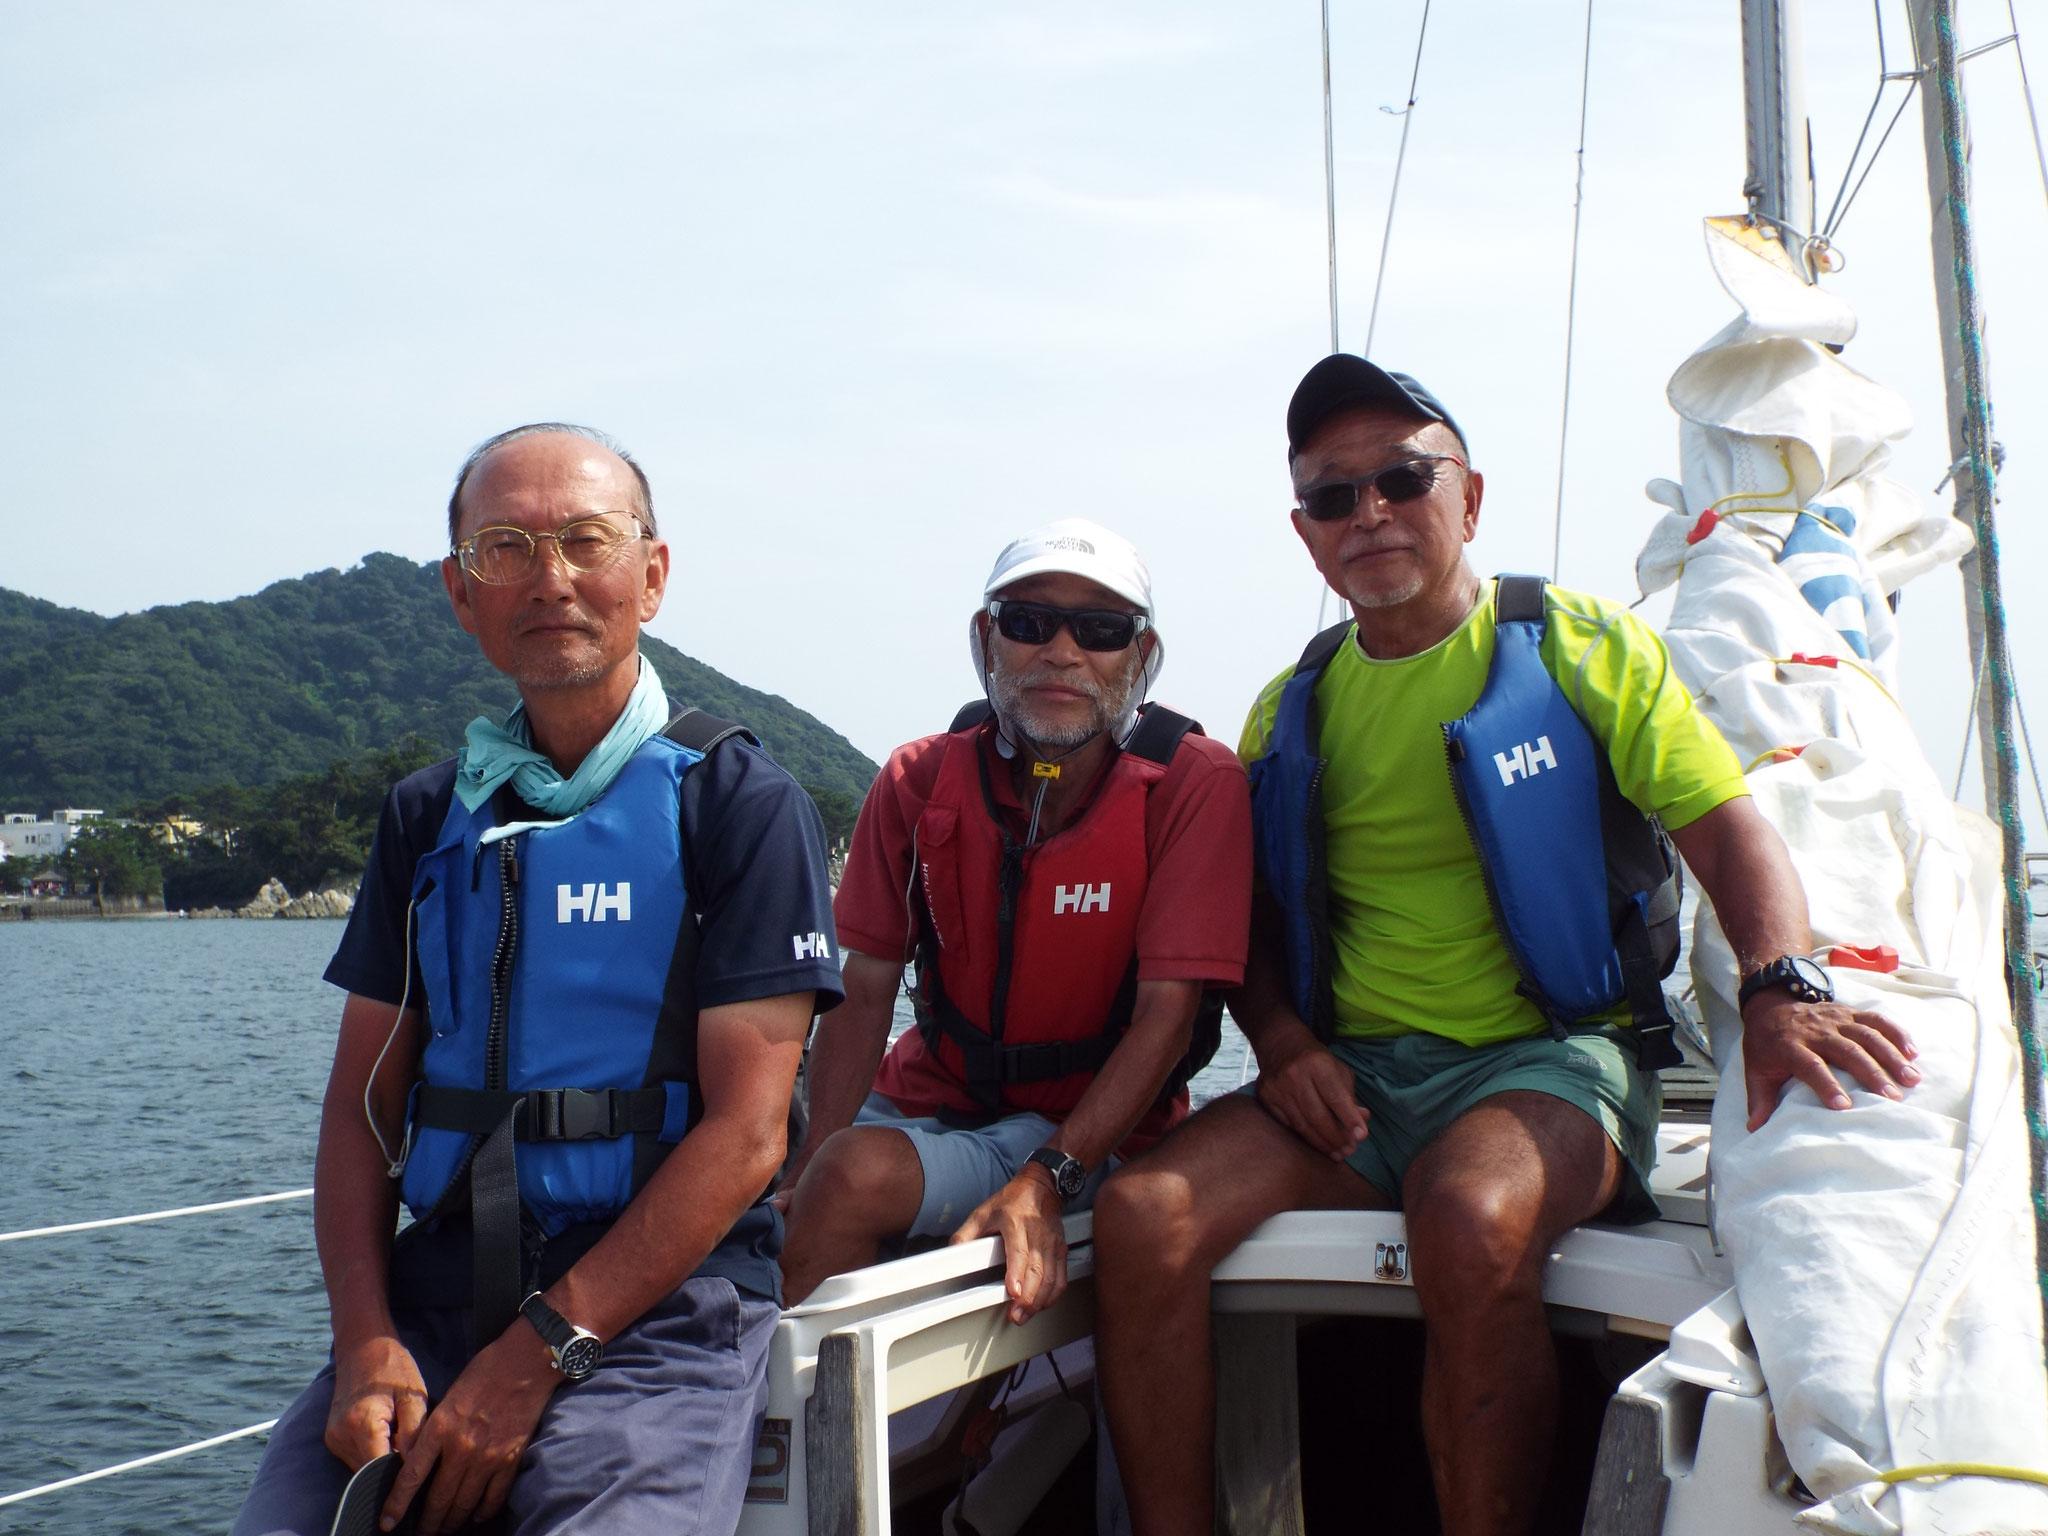 ヨット部OBのオーナー達、 青池さん、川村さん、佐藤さん